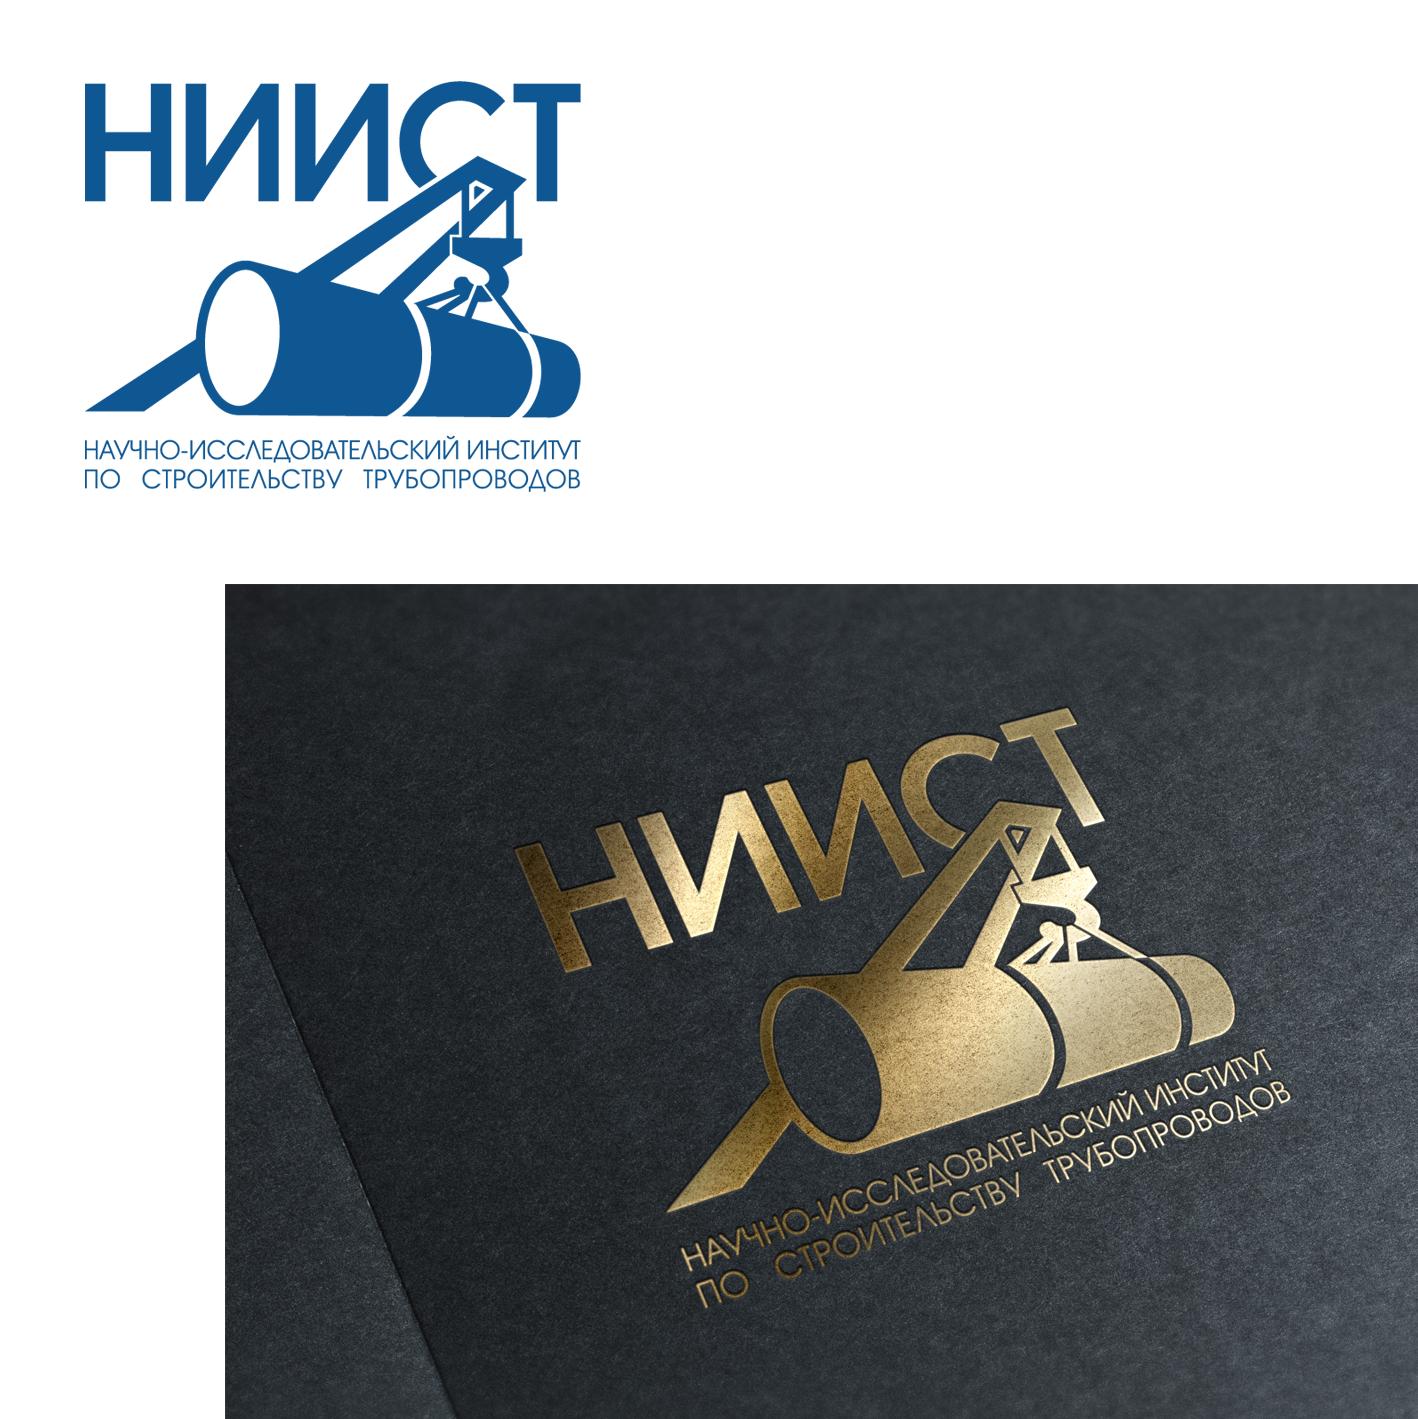 Разработка логотипа фото f_4585ba190e0e91b8.png